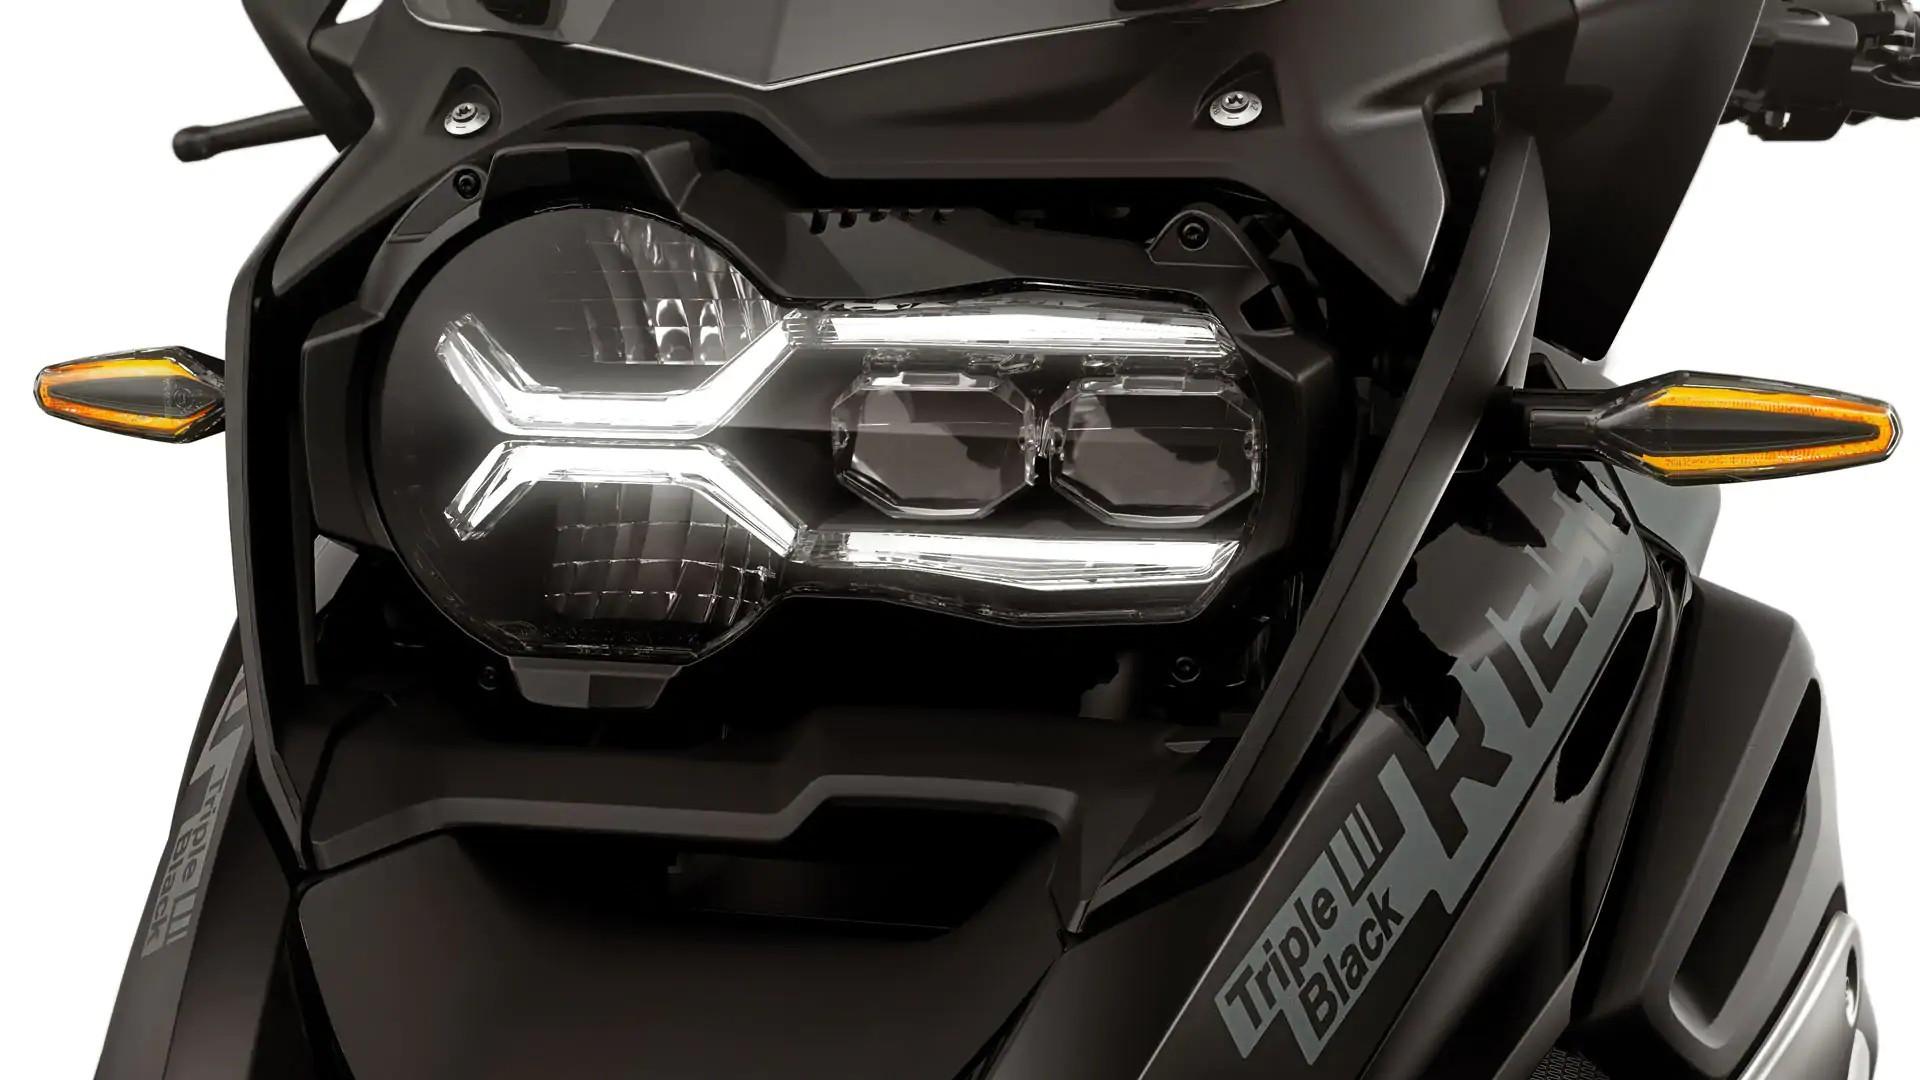 Світлодіодні вказівники повороту з опцією Cruising Light